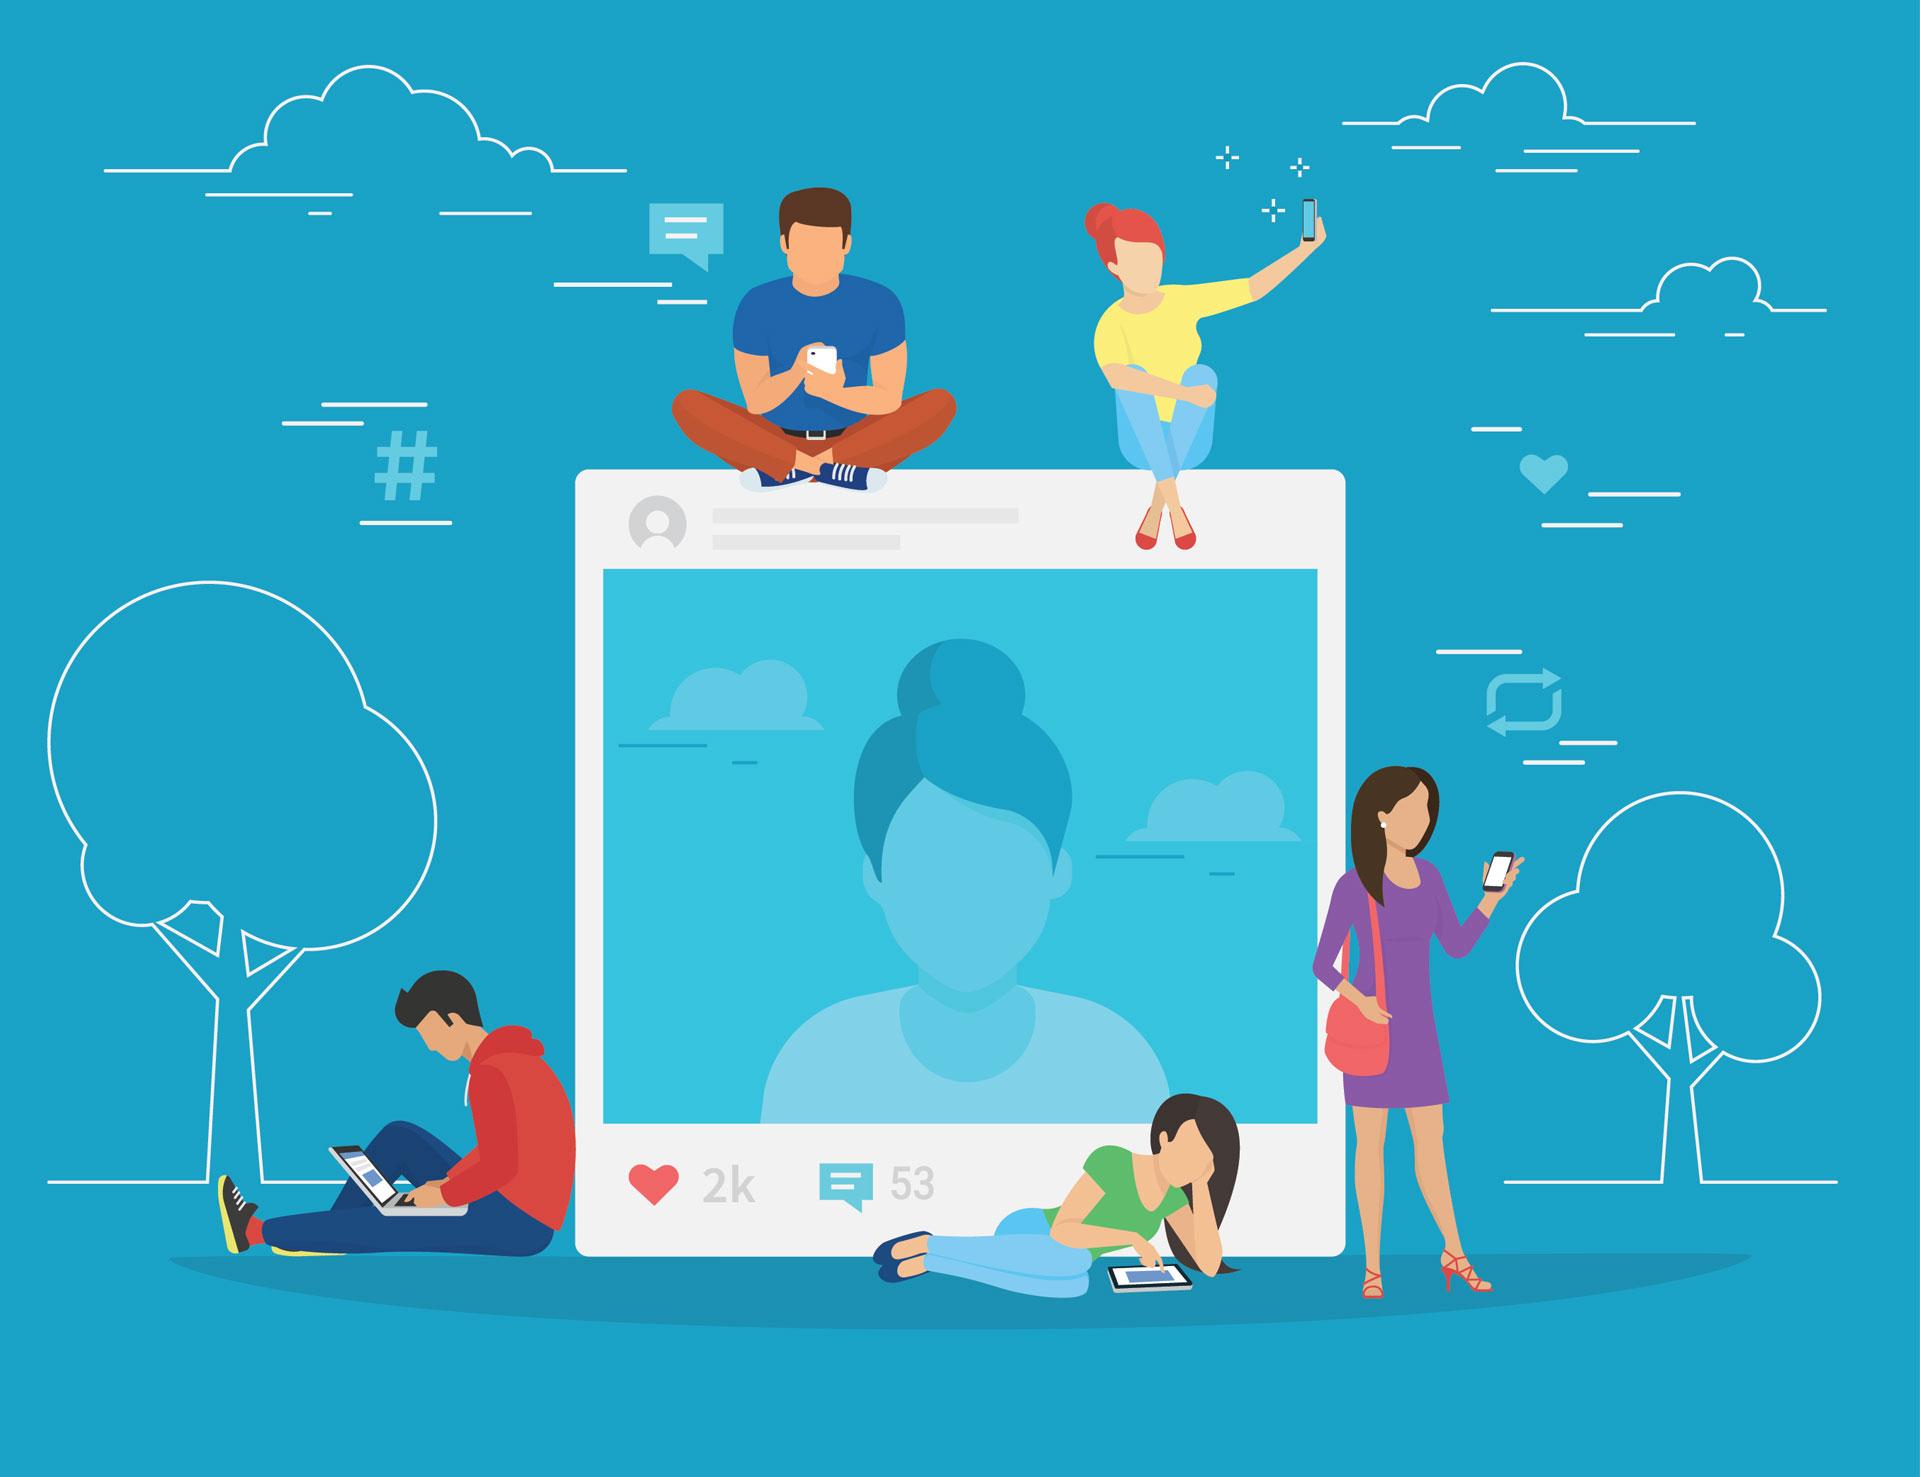 Social media news feed illustration